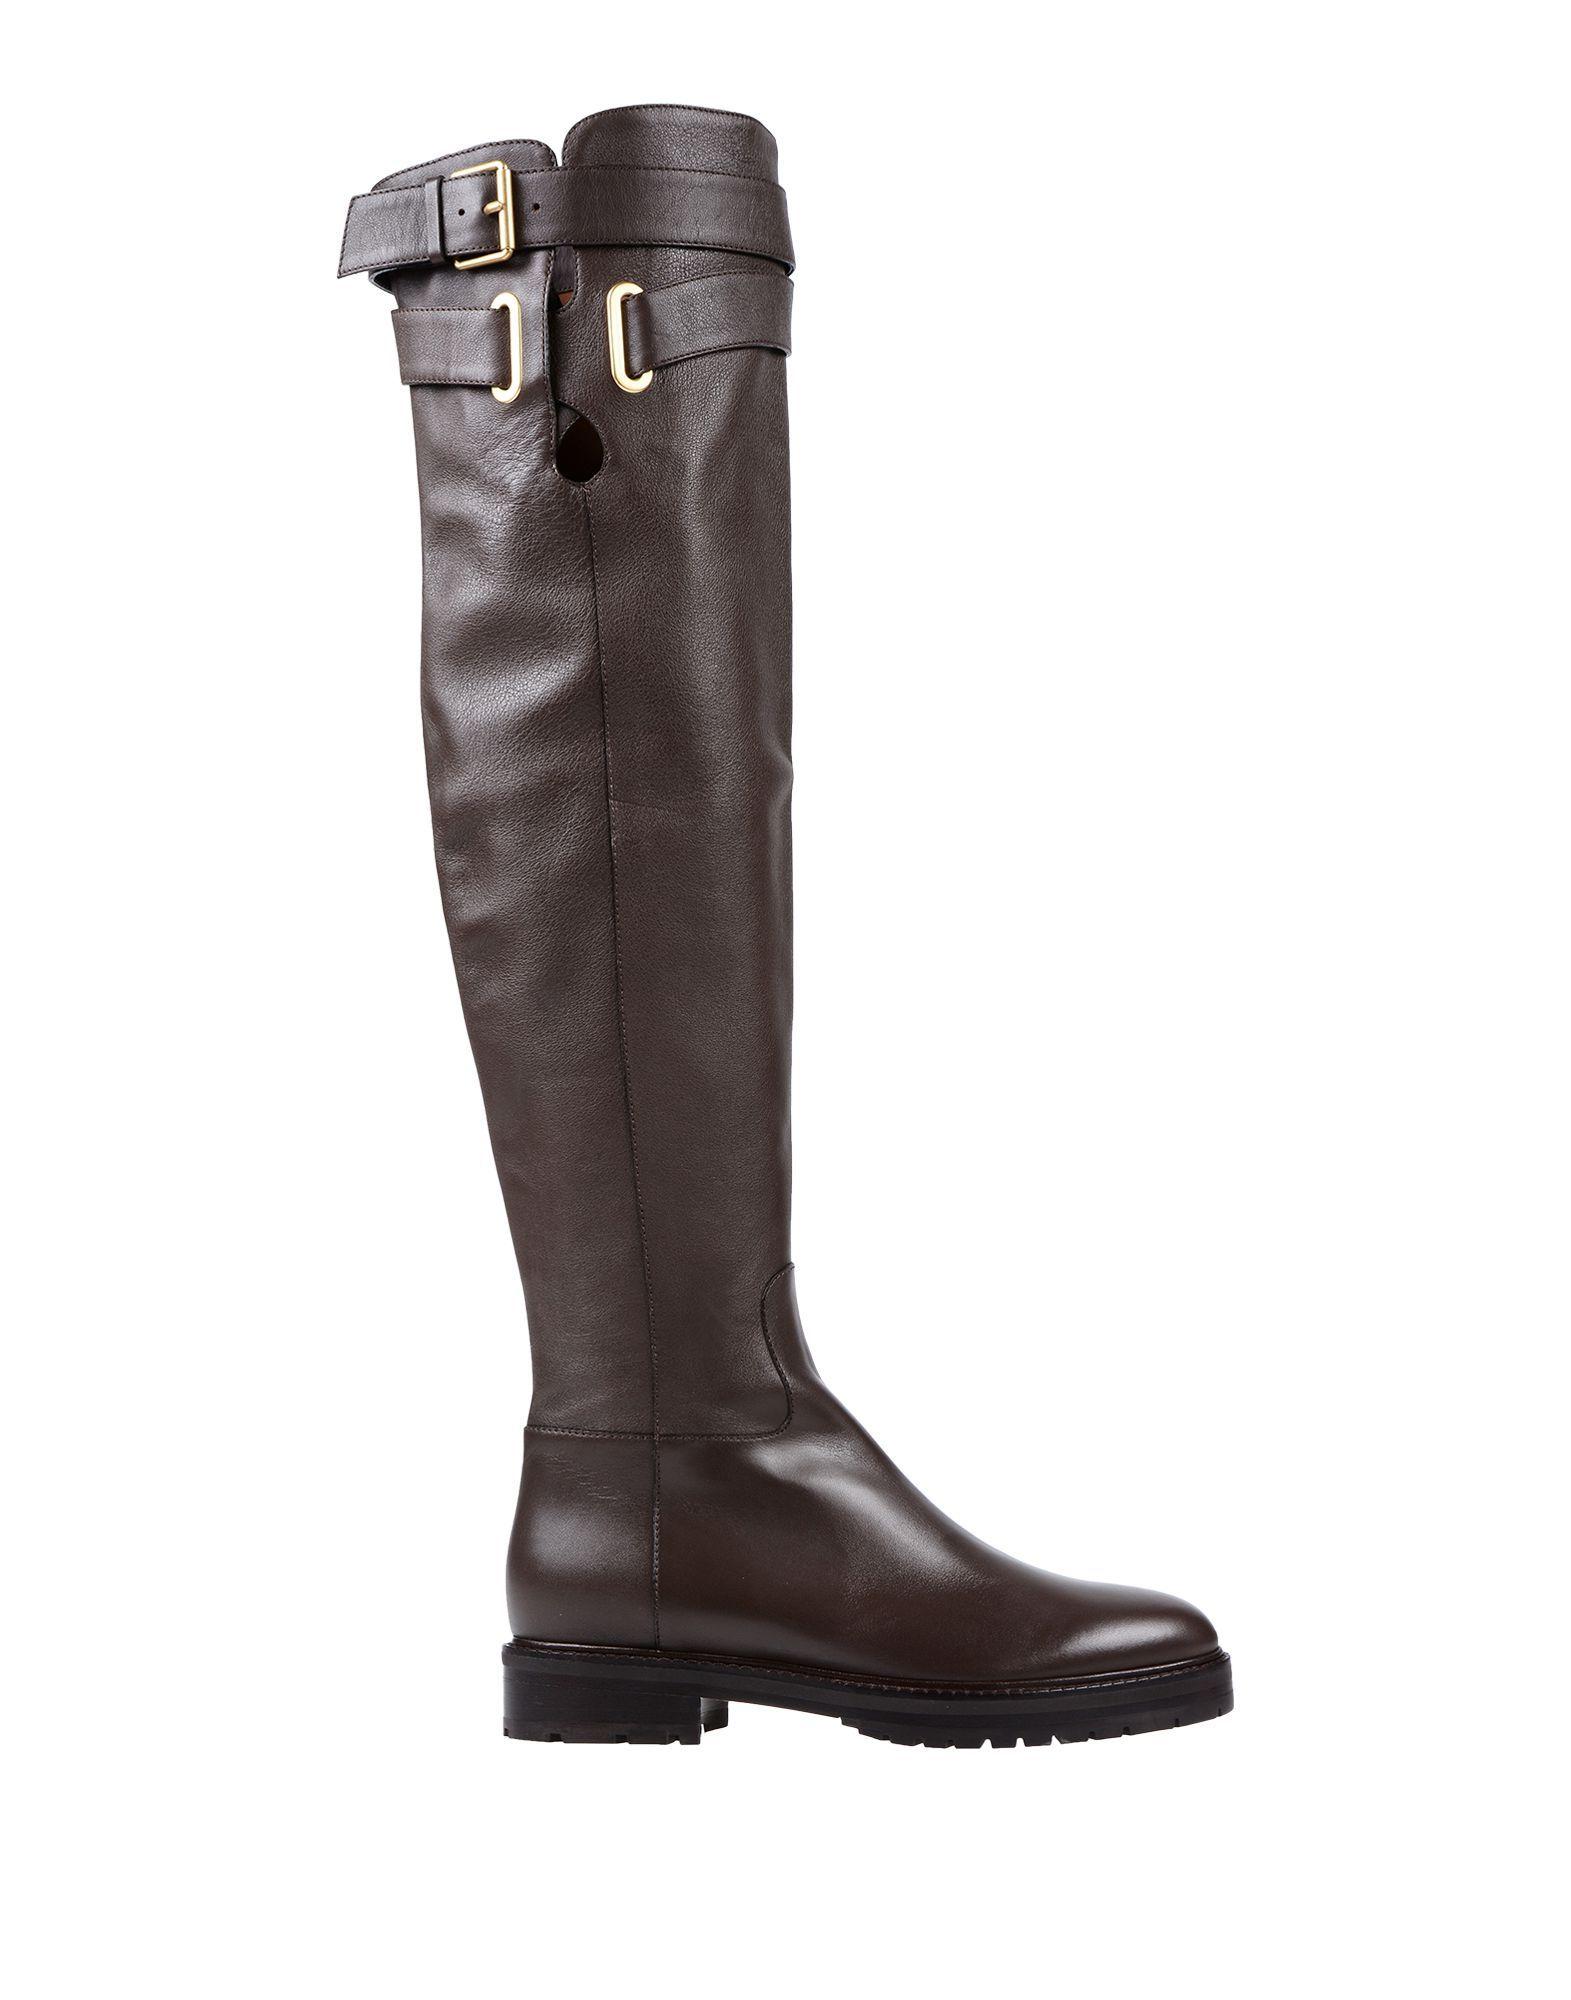 Valentino Garavani Dark Brown Leather Boots